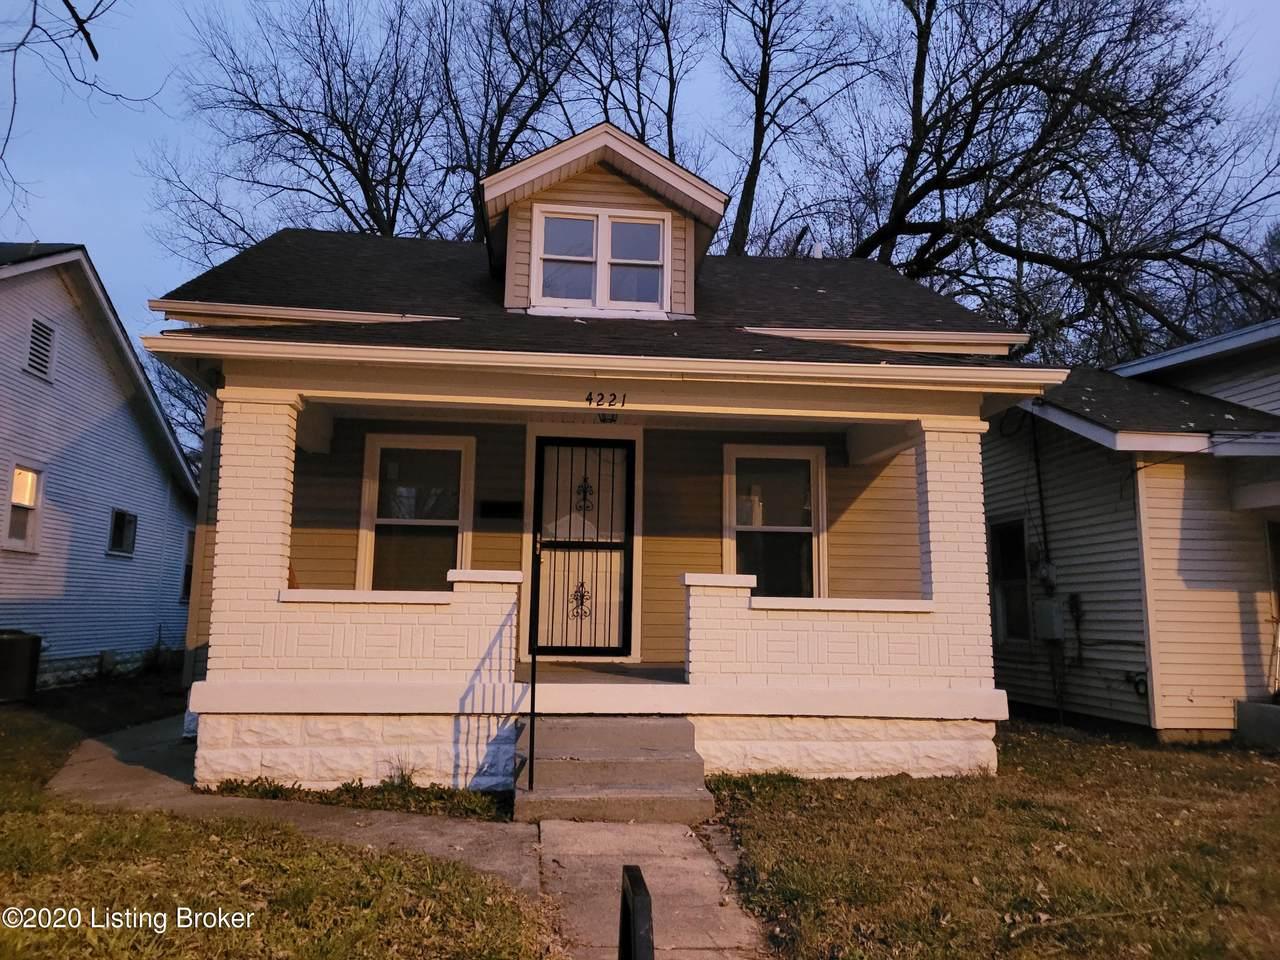 4221 Sunset Ave - Photo 1